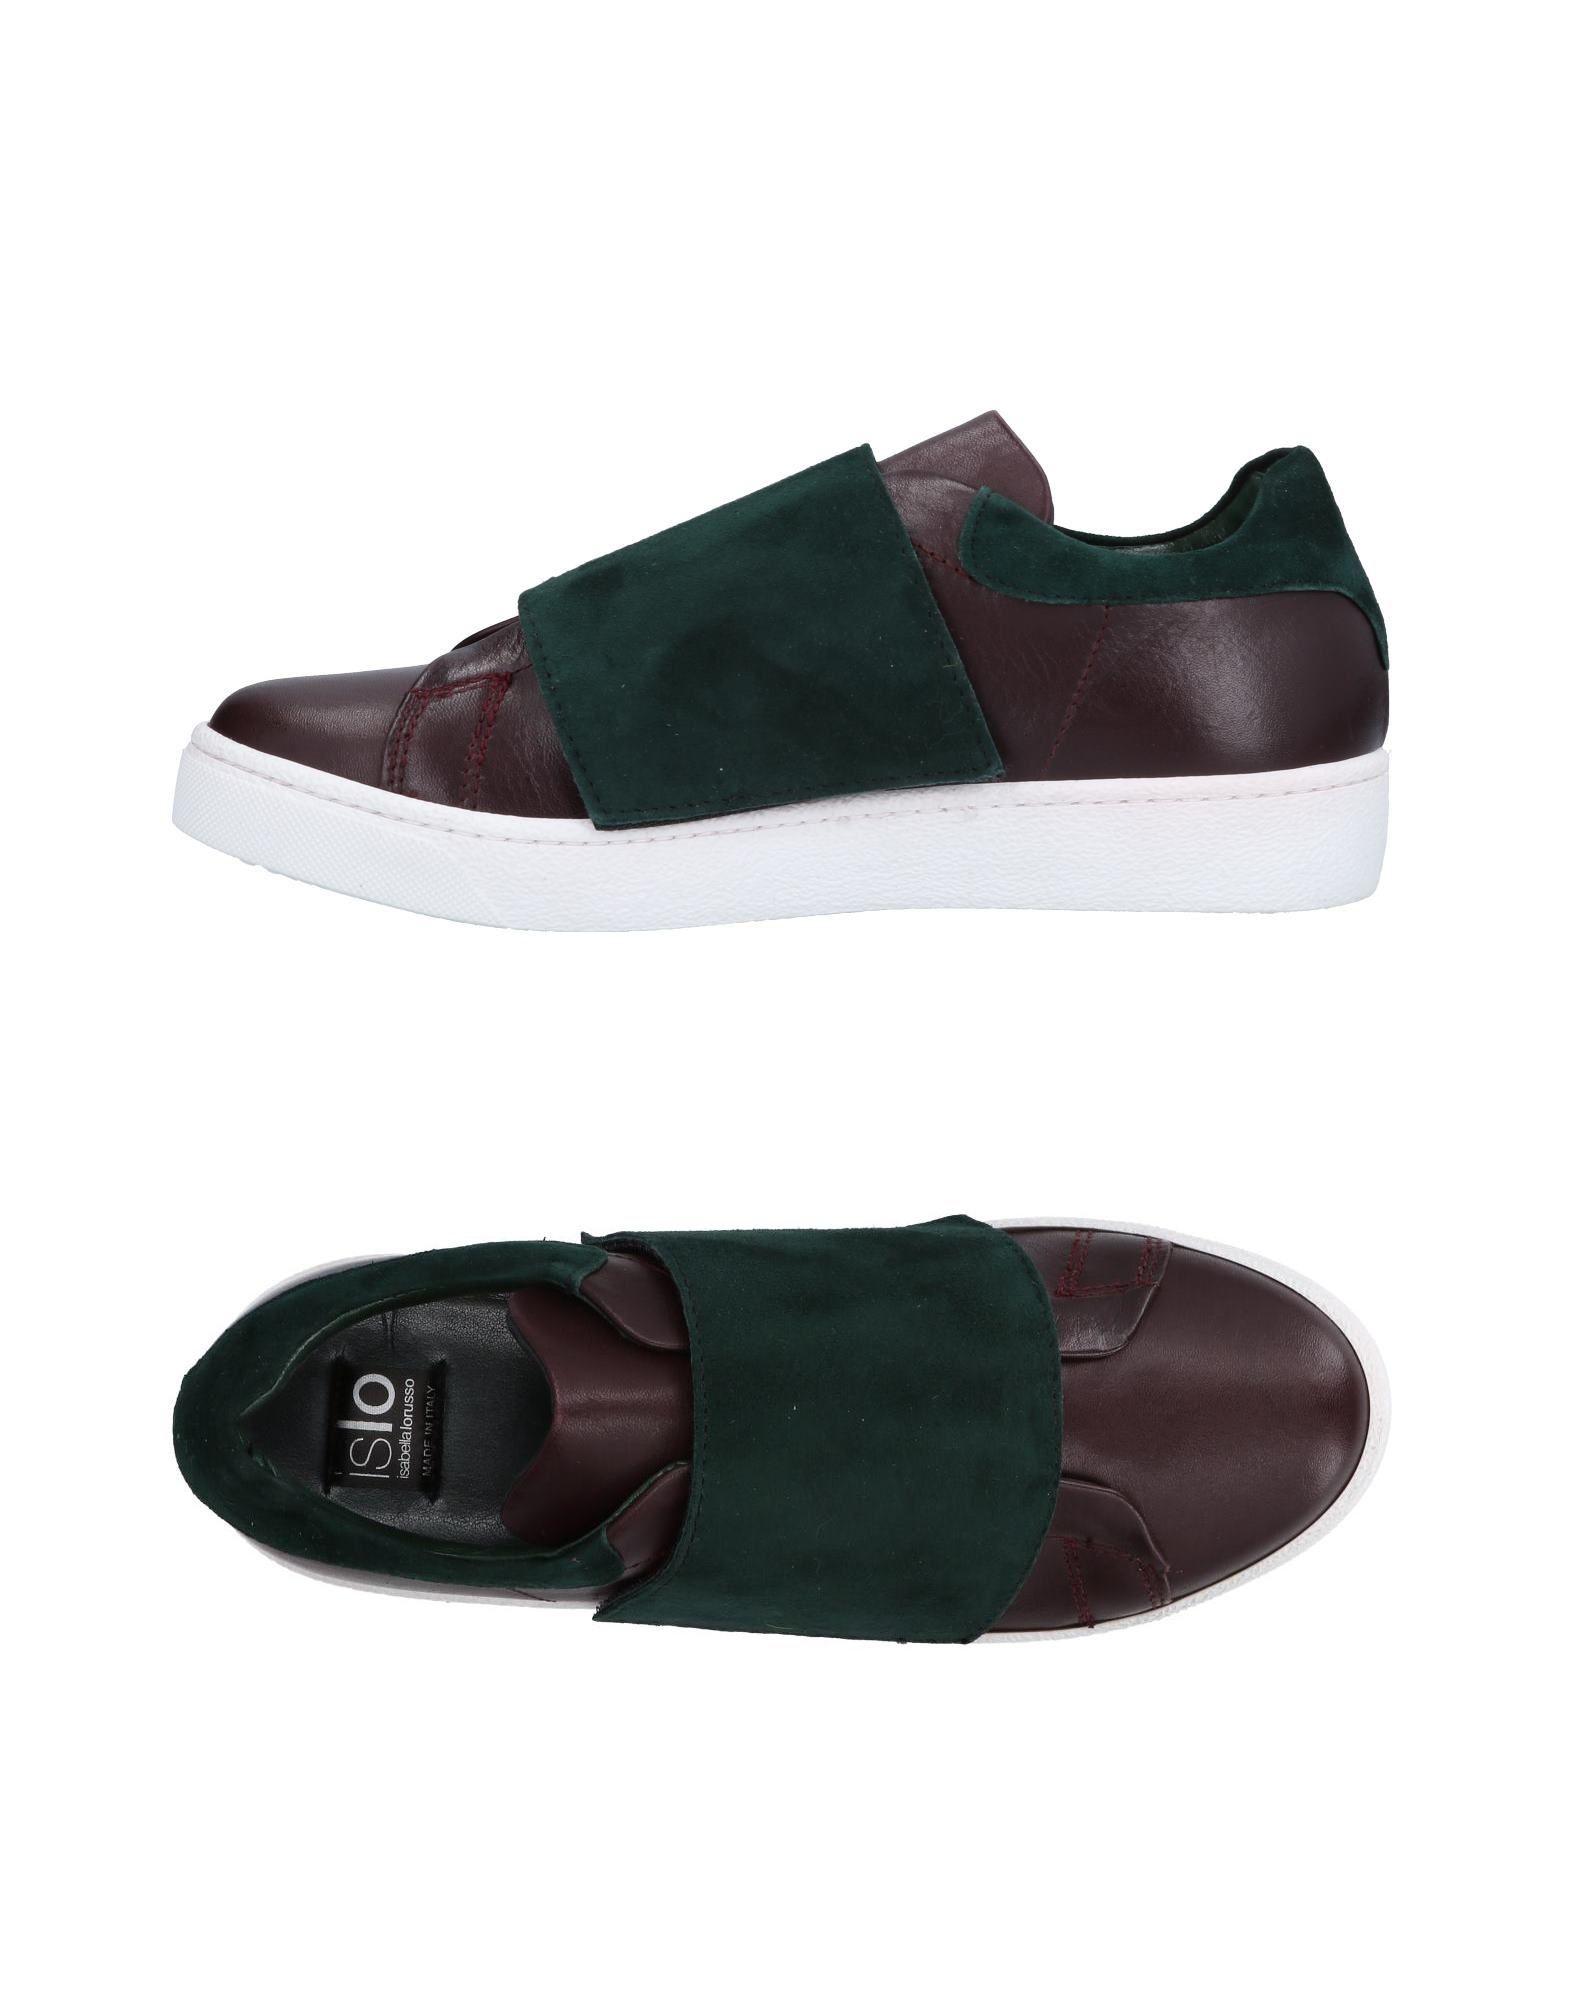 Islo Isabella 11500047AQ Lorusso Sneakers Damen  11500047AQ Isabella Gute Qualität beliebte Schuhe 4bf9a2